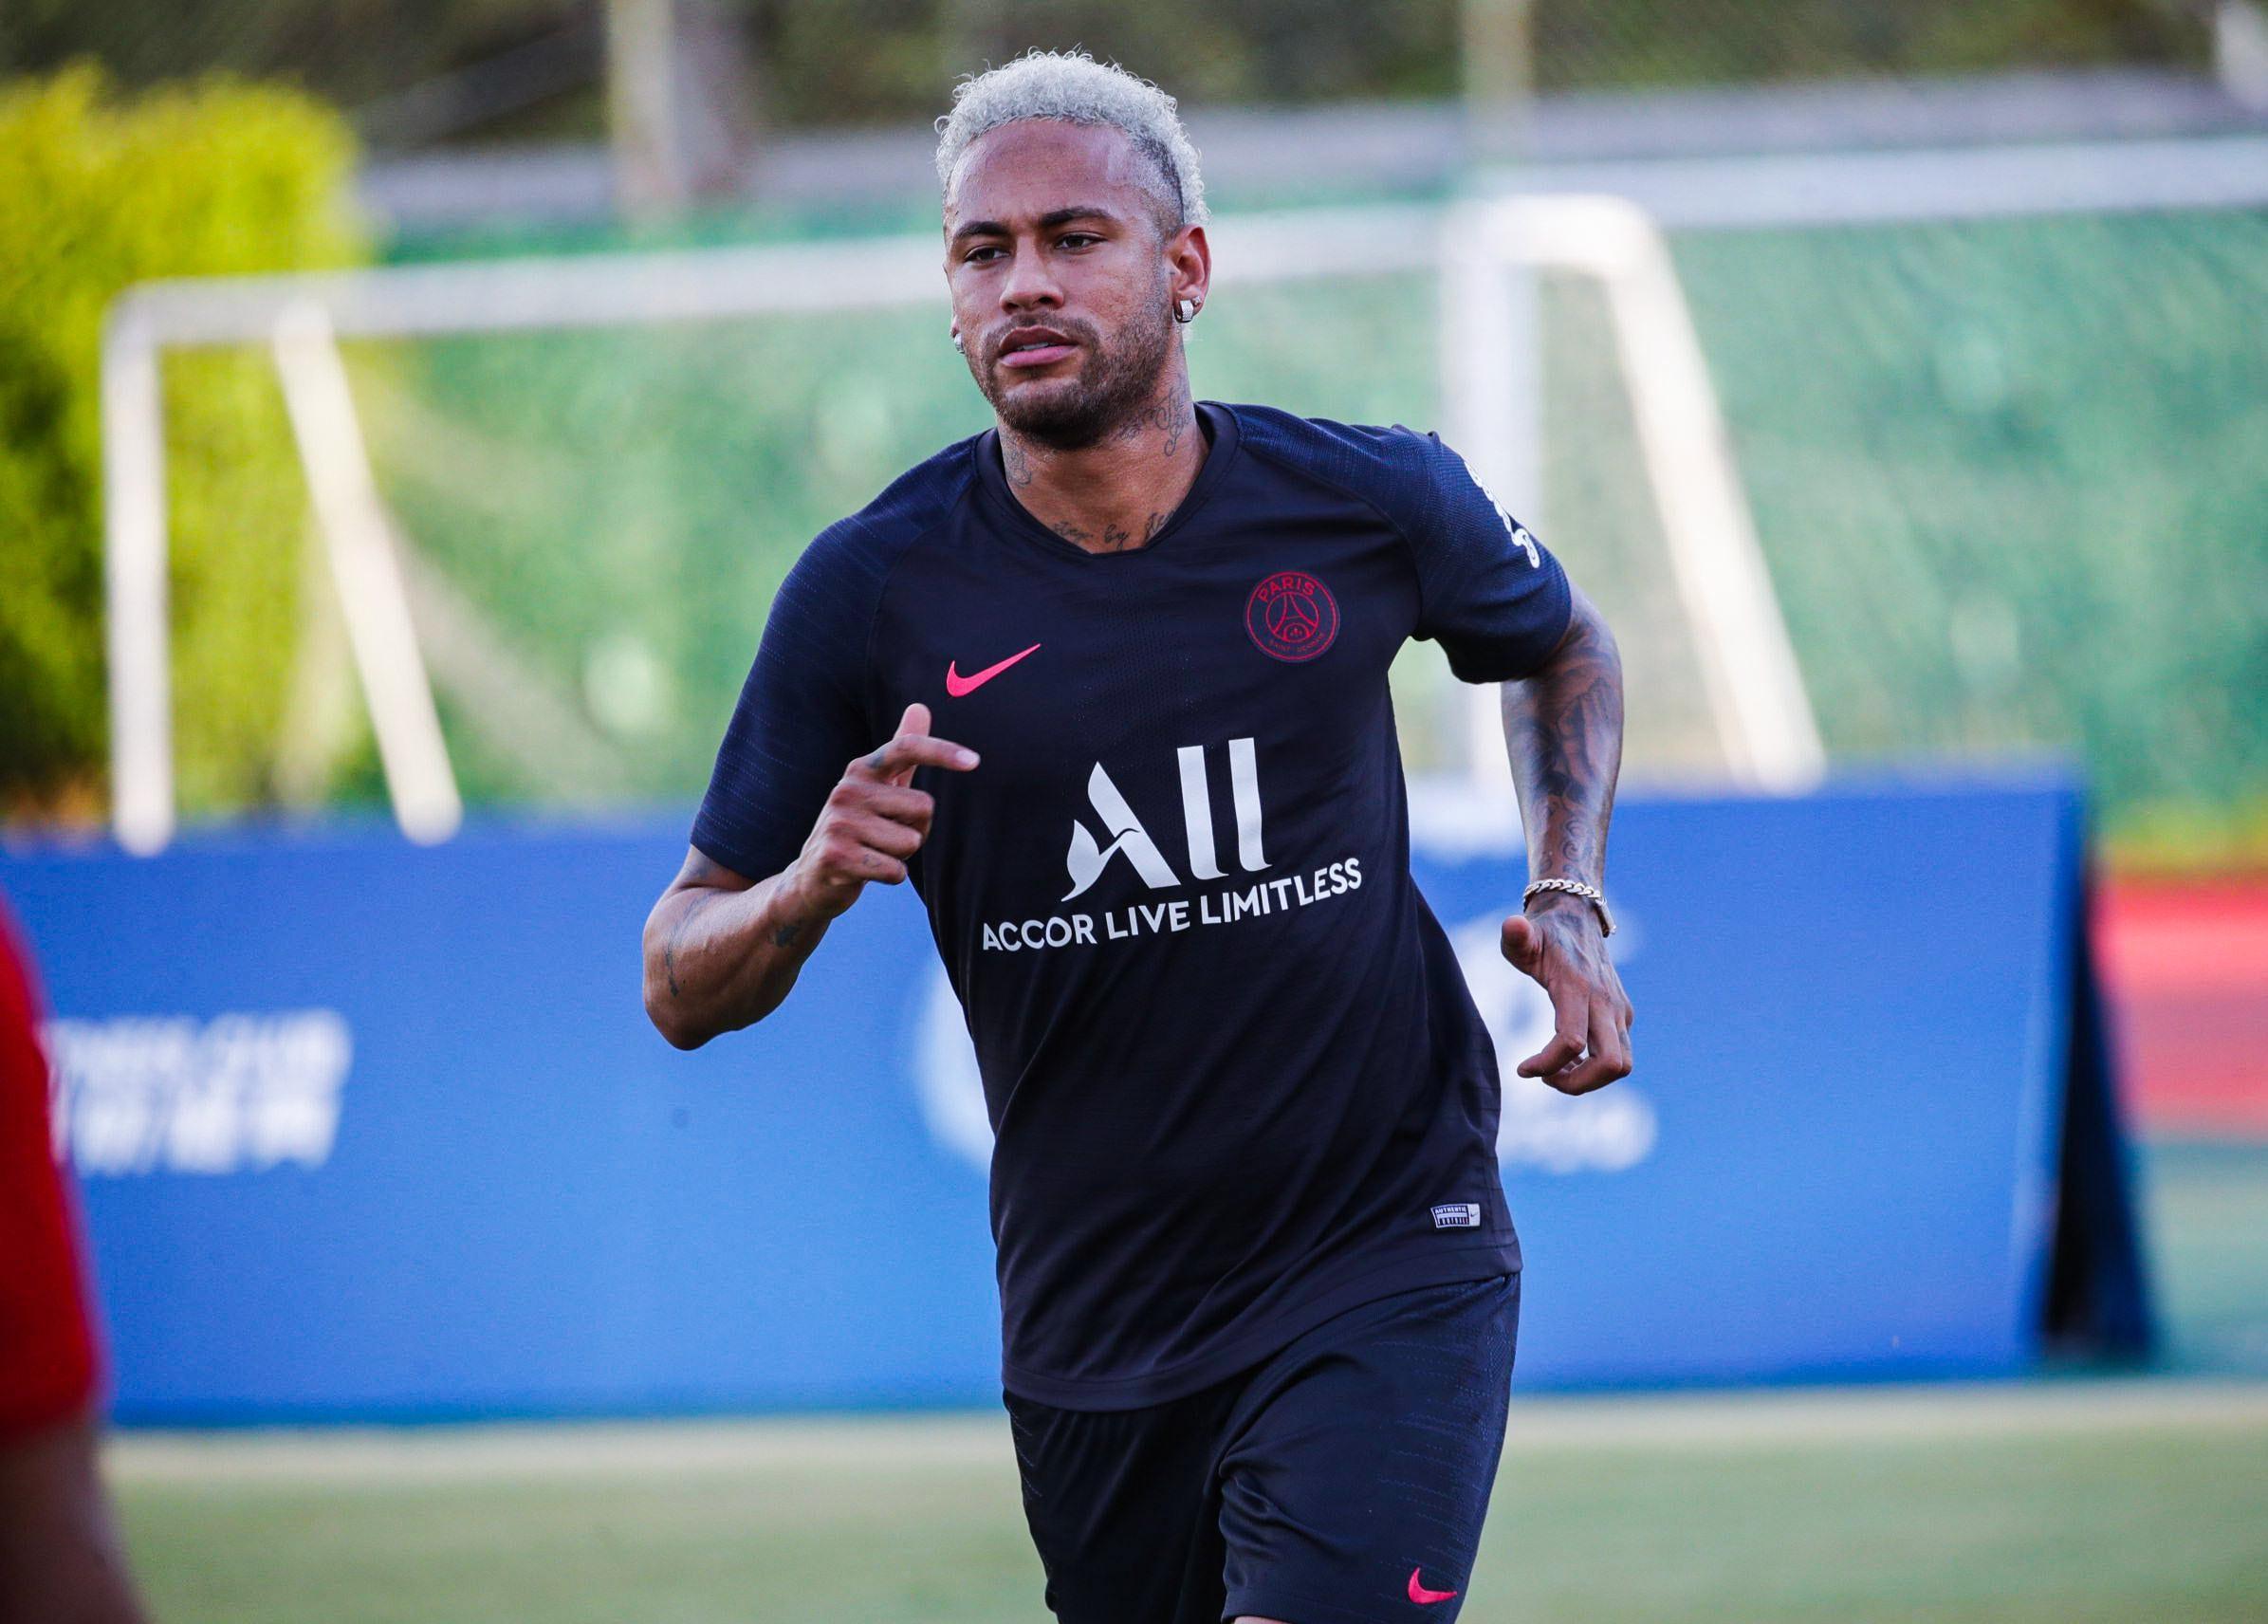 Tratamento de Neymar apresenta boa evolução, segundo o PSG.